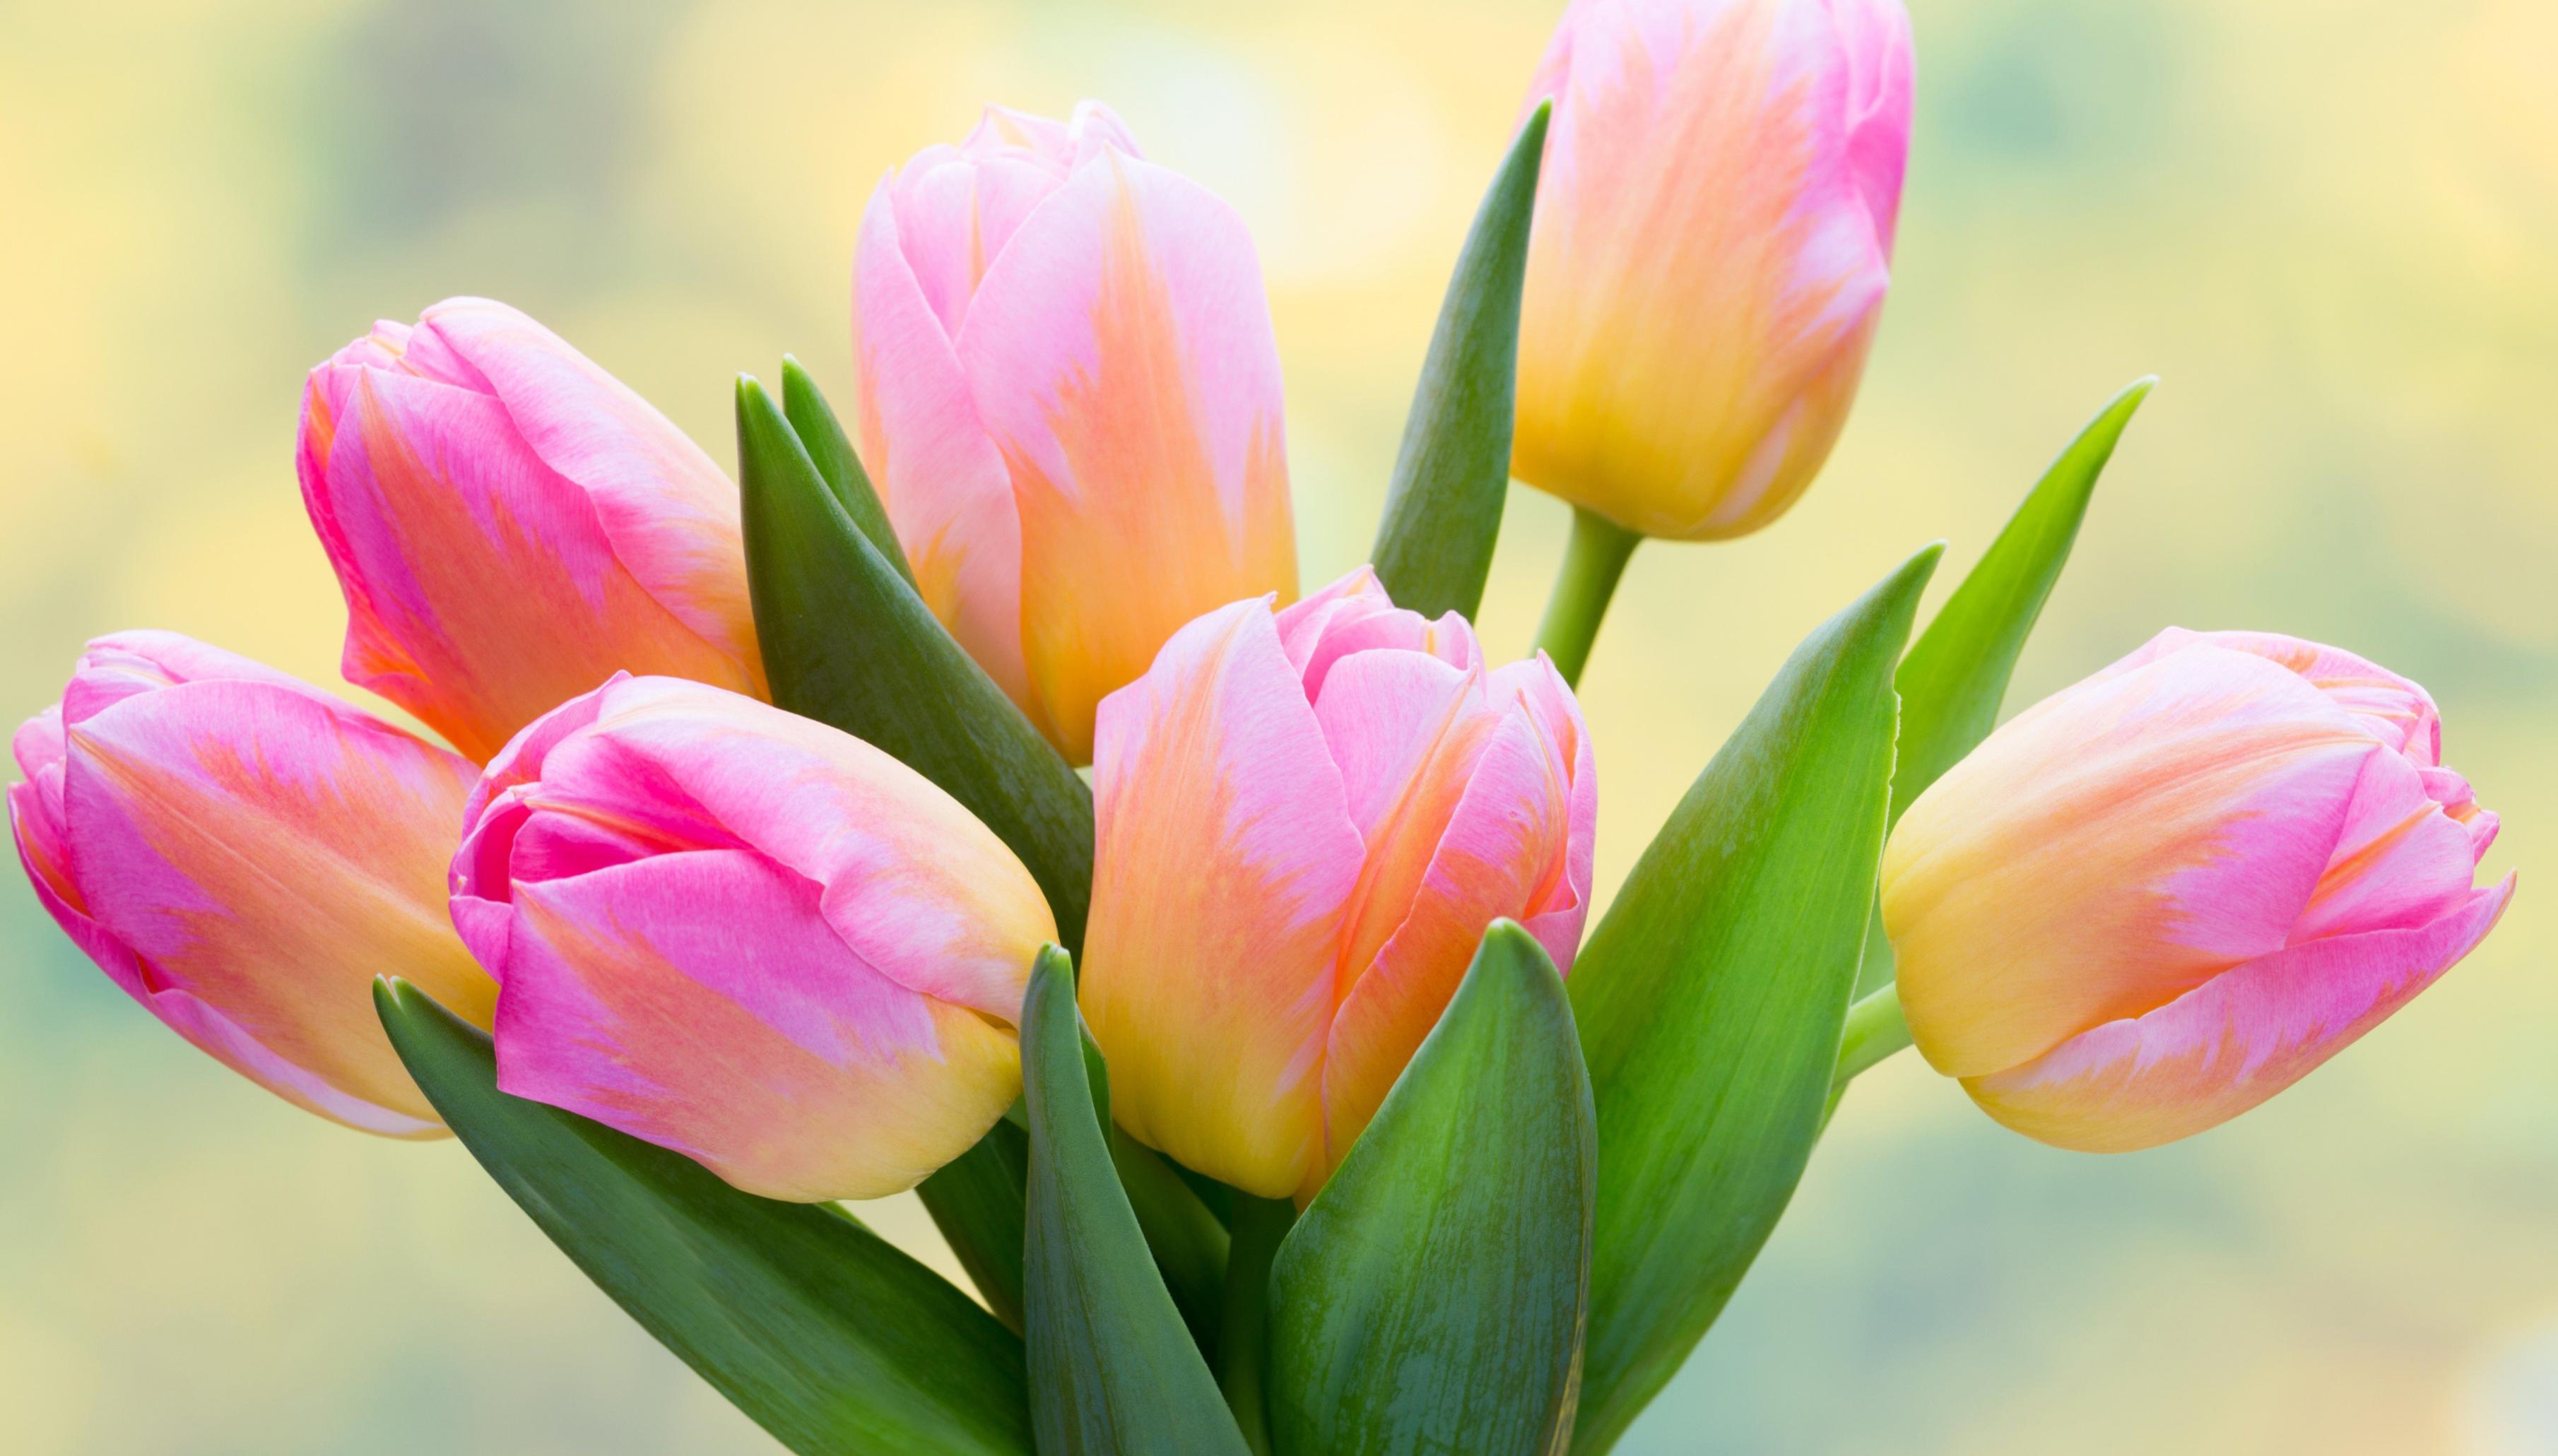 tulip-photo-64